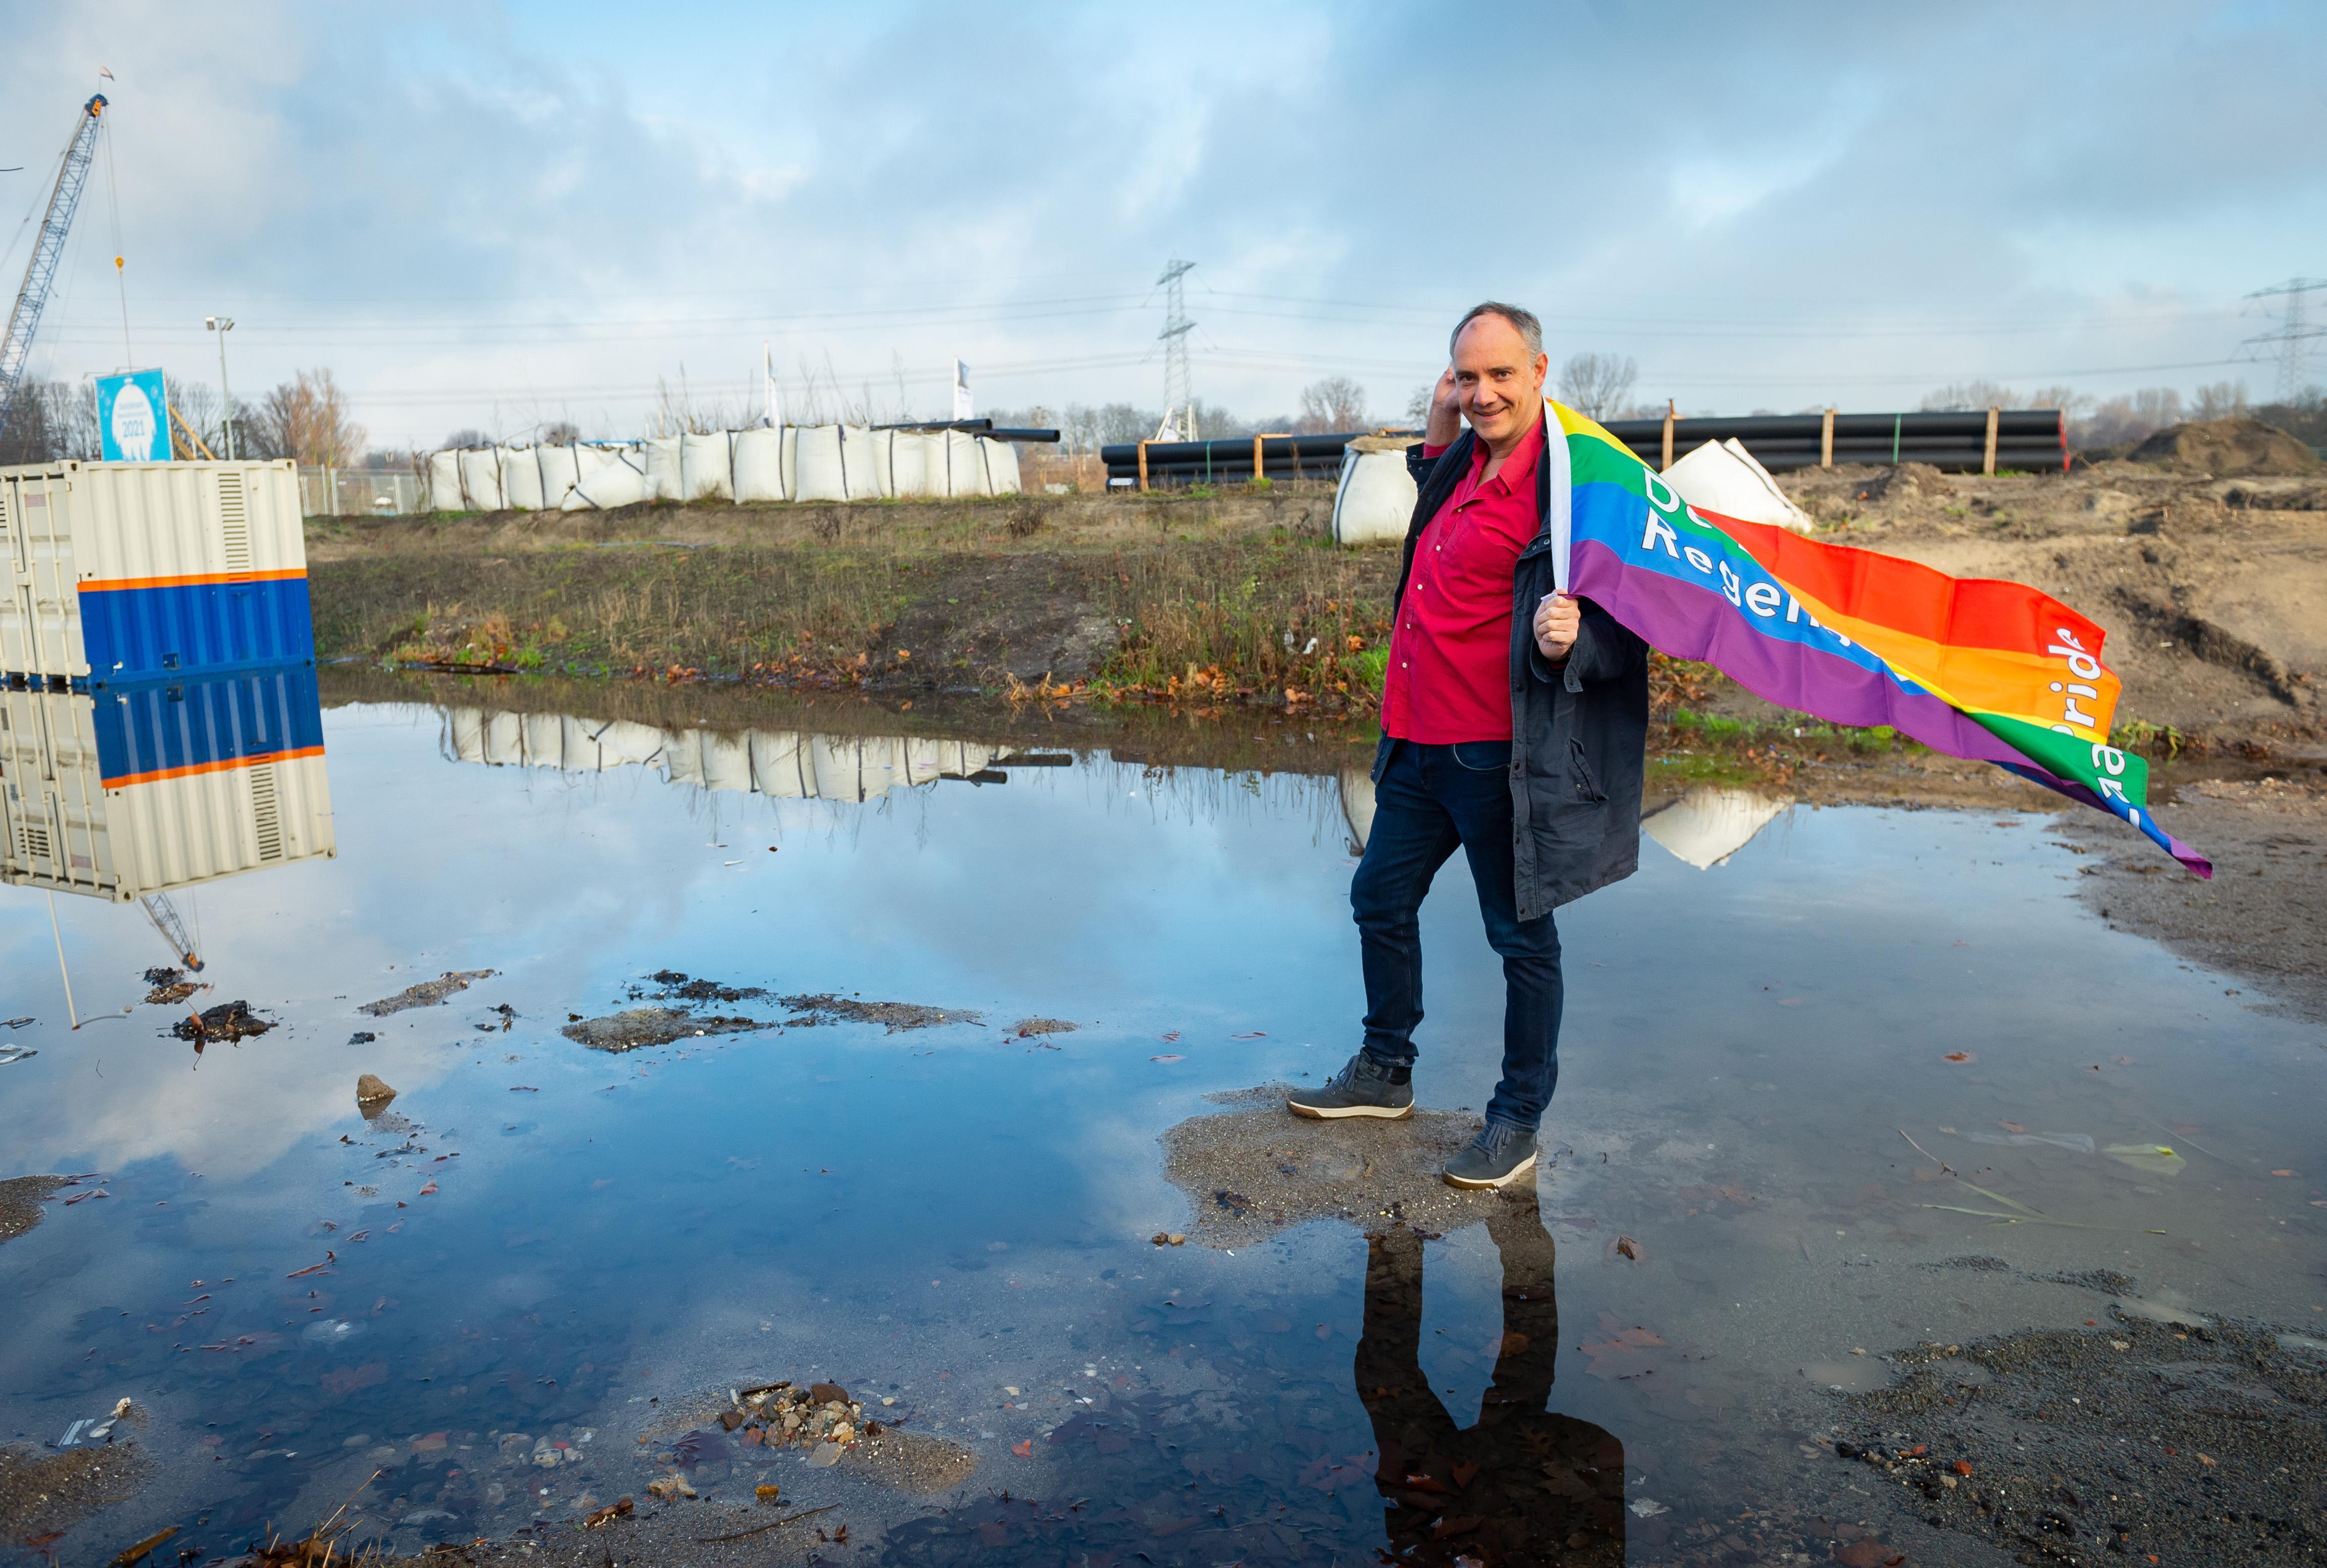 Zaans statement: na Hobo/homorel nu complete regenboogwijk: 'Mooi dat er op deze manier iets goeds komt uit een negatieve discussie'